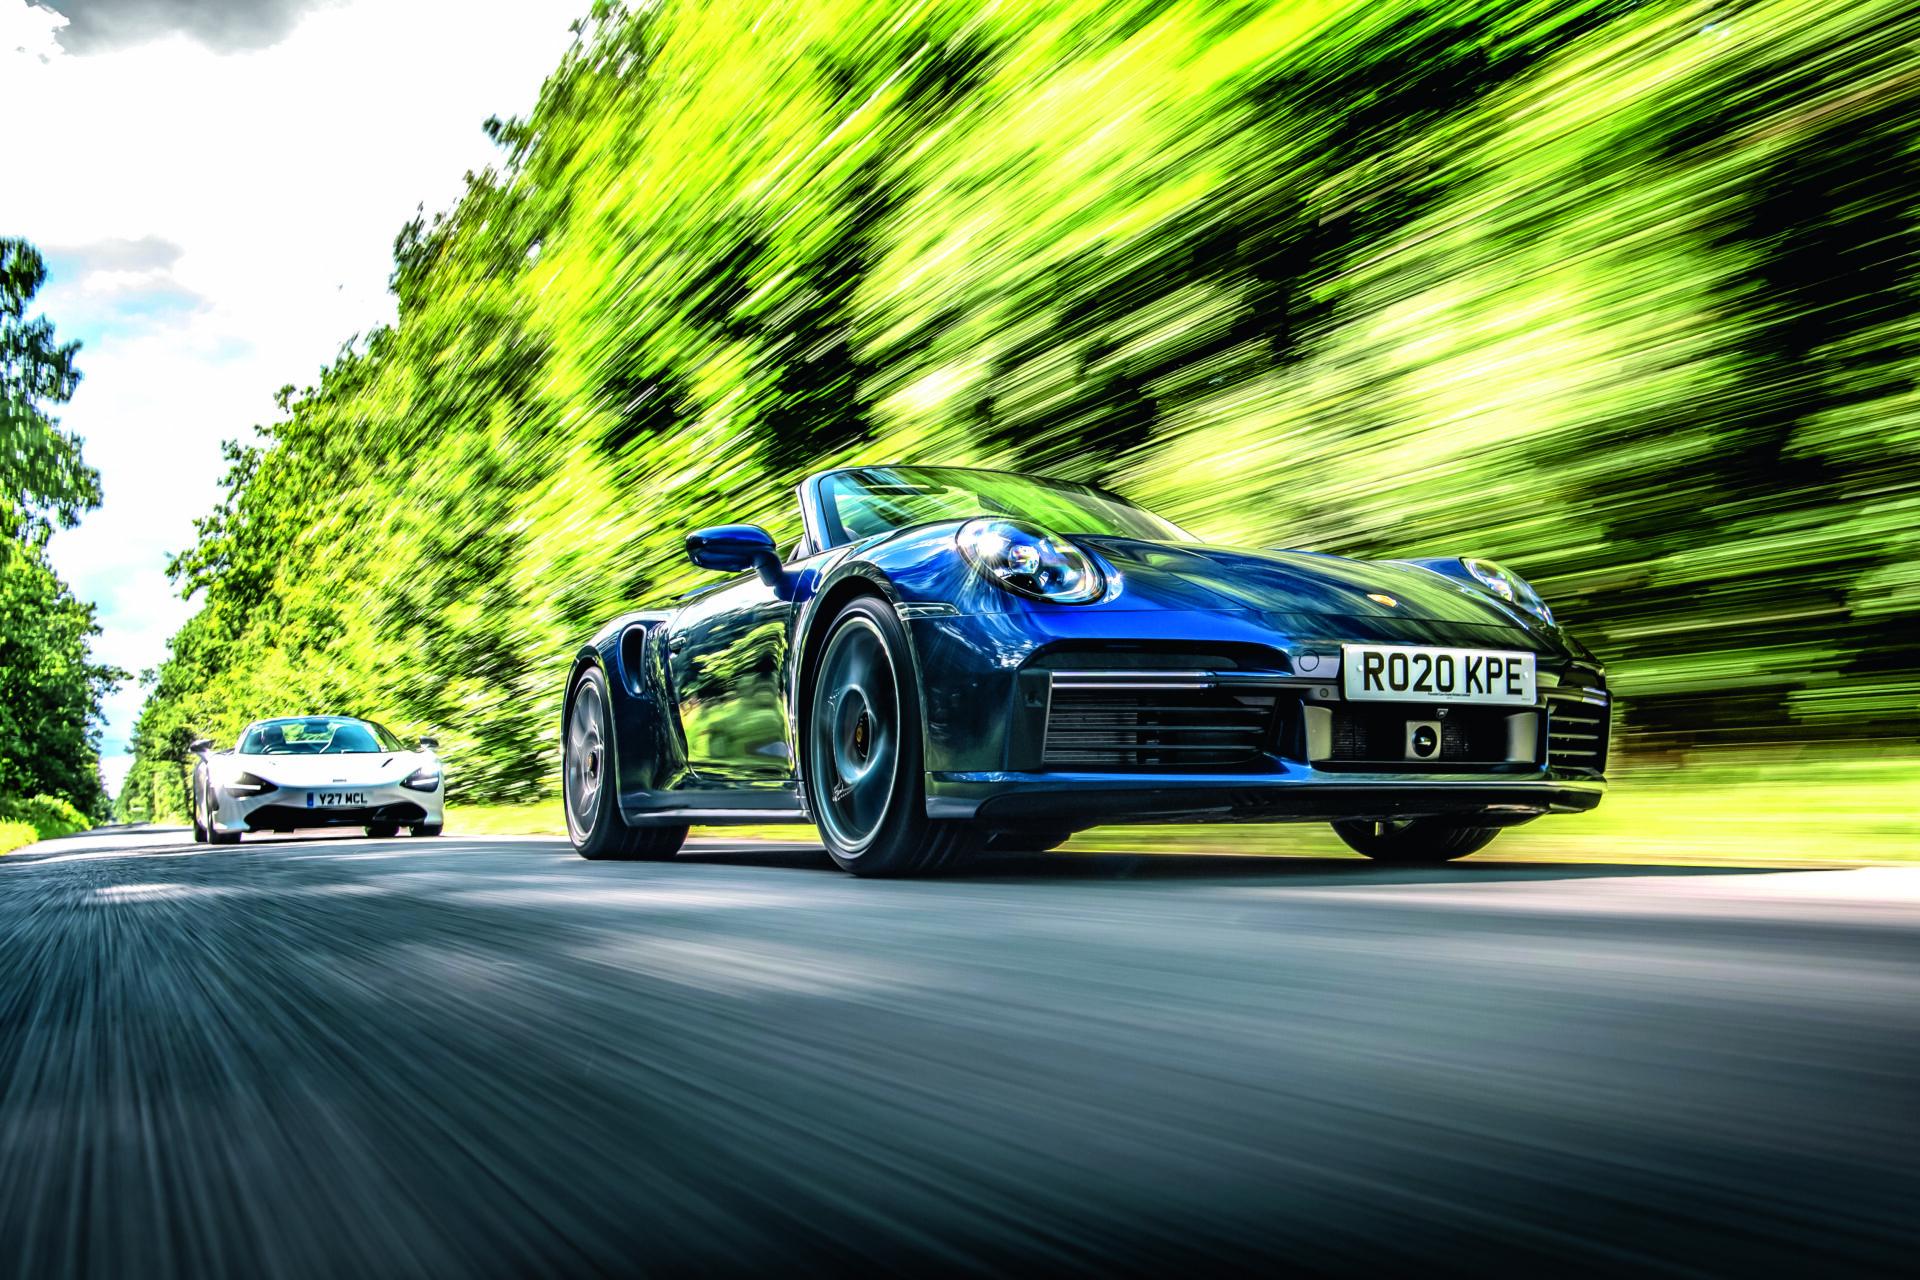 Comparativa: McLaren 720S Spider frente a Porsche 911 Turbo S Cabrio